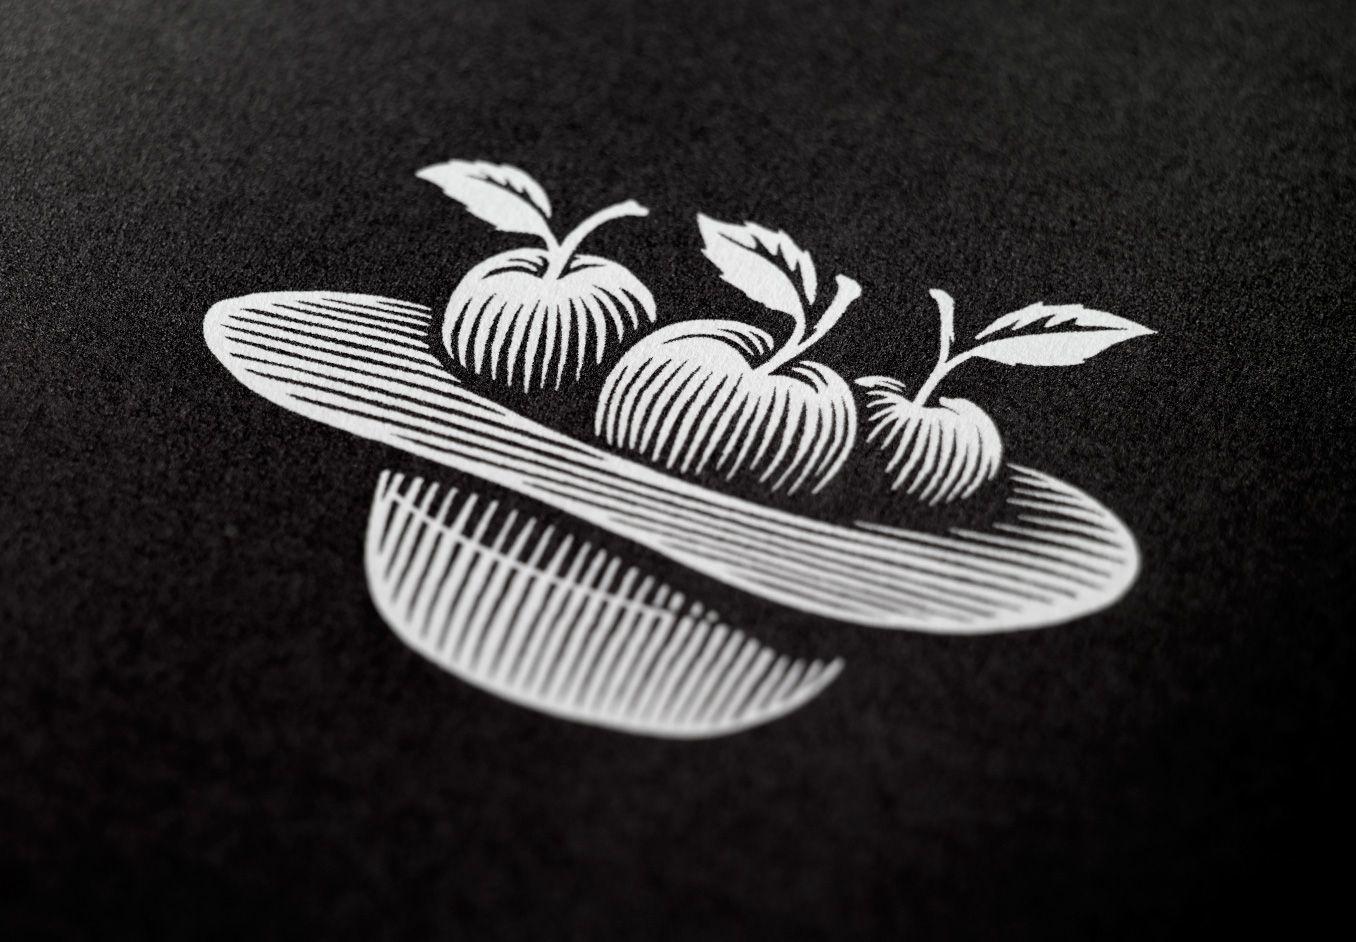 Jack Daniel's / Jack Daniel's Hat / Design / Branding / Tennessee Cider / Cider / Hard Cider / Apples / Whiskey / Old No.7 / Woodcut /  Black & White